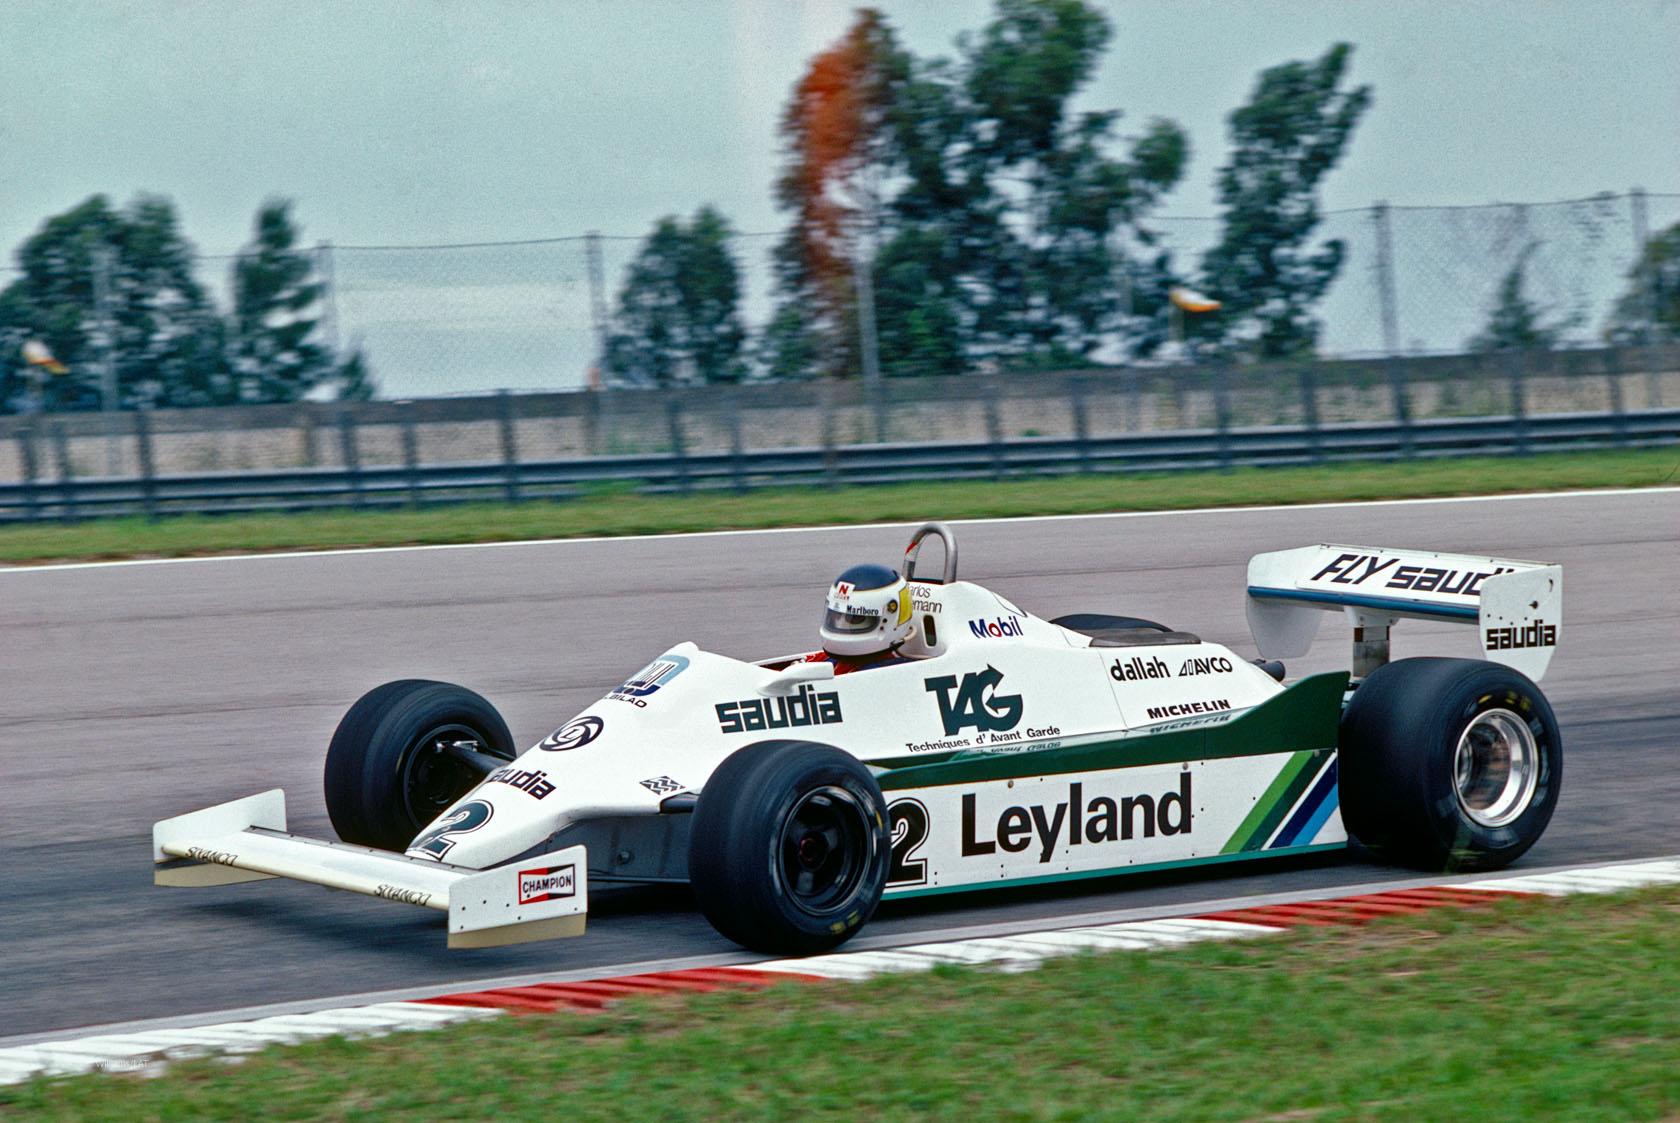 Carlos Reutemann odbio je propustiti momčadskog kolegu Alana Jonesa i pobijedio na VN Brazila 1981. u Williamsu FW07C. (29.3.1981.) Foto: f1fanatic